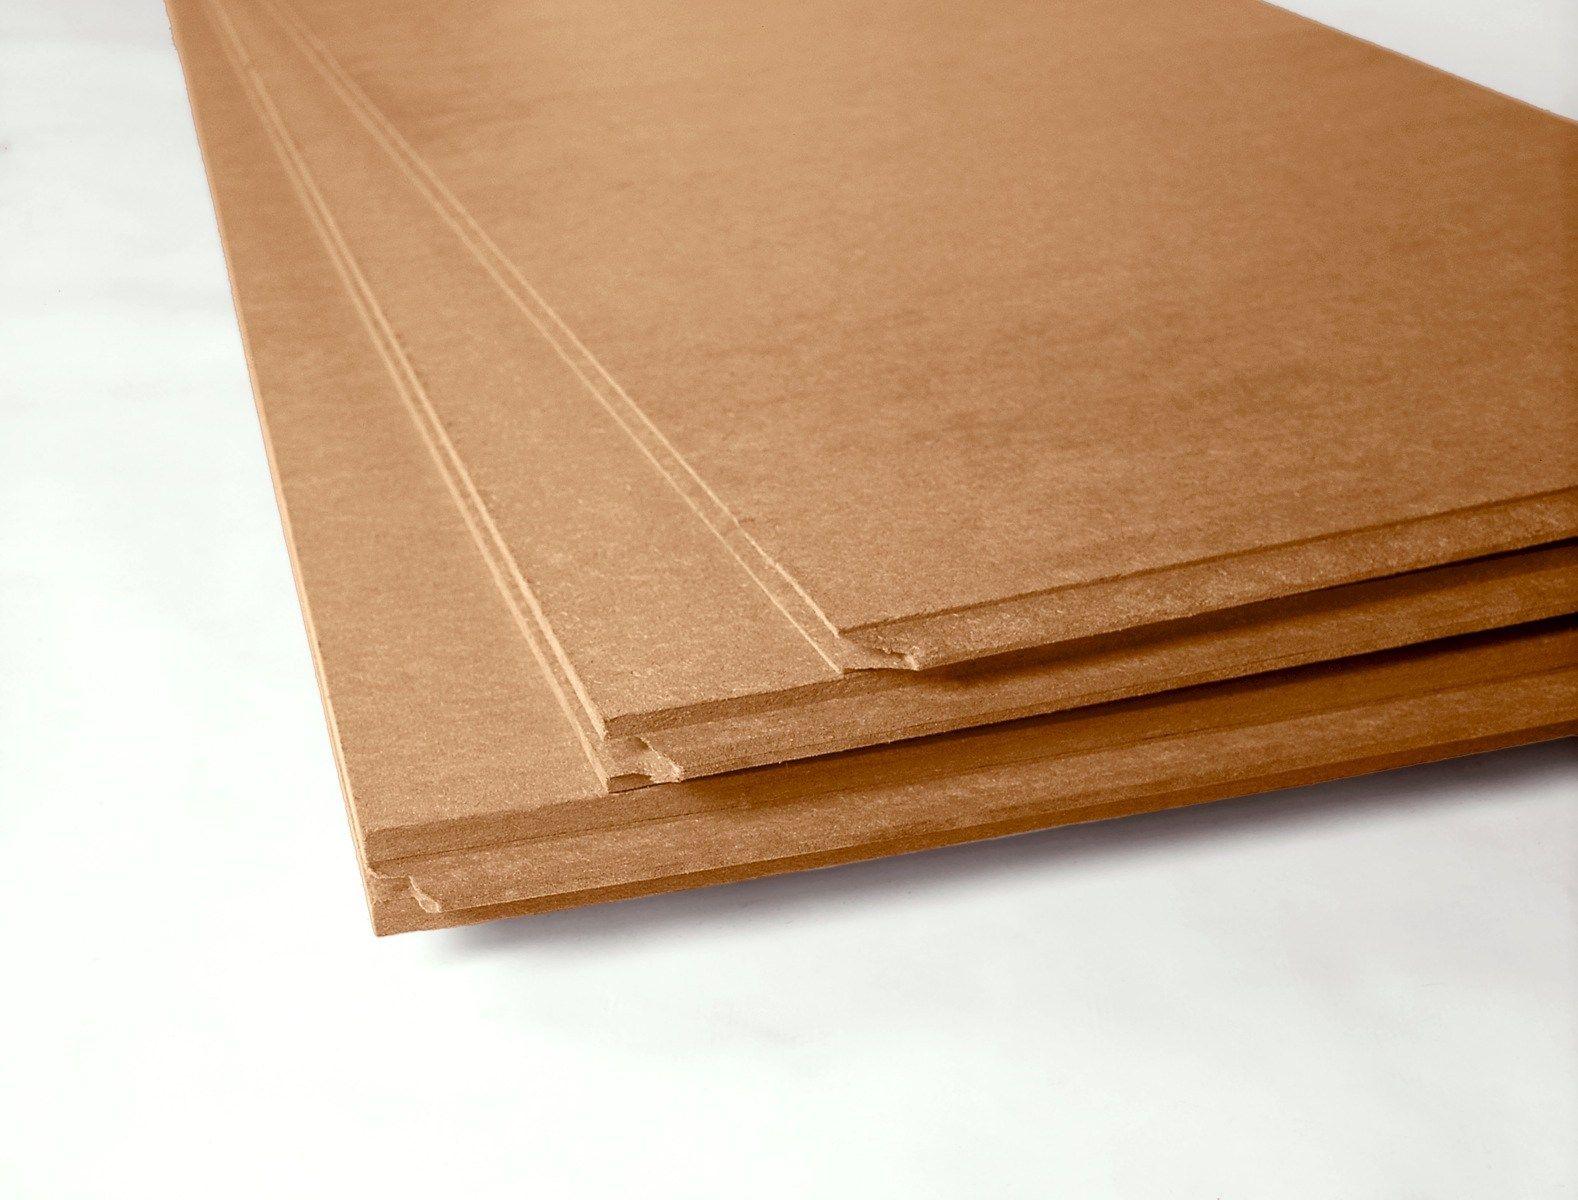 Pareti di legno da interno: brise soleil sistemi di schermatura ...